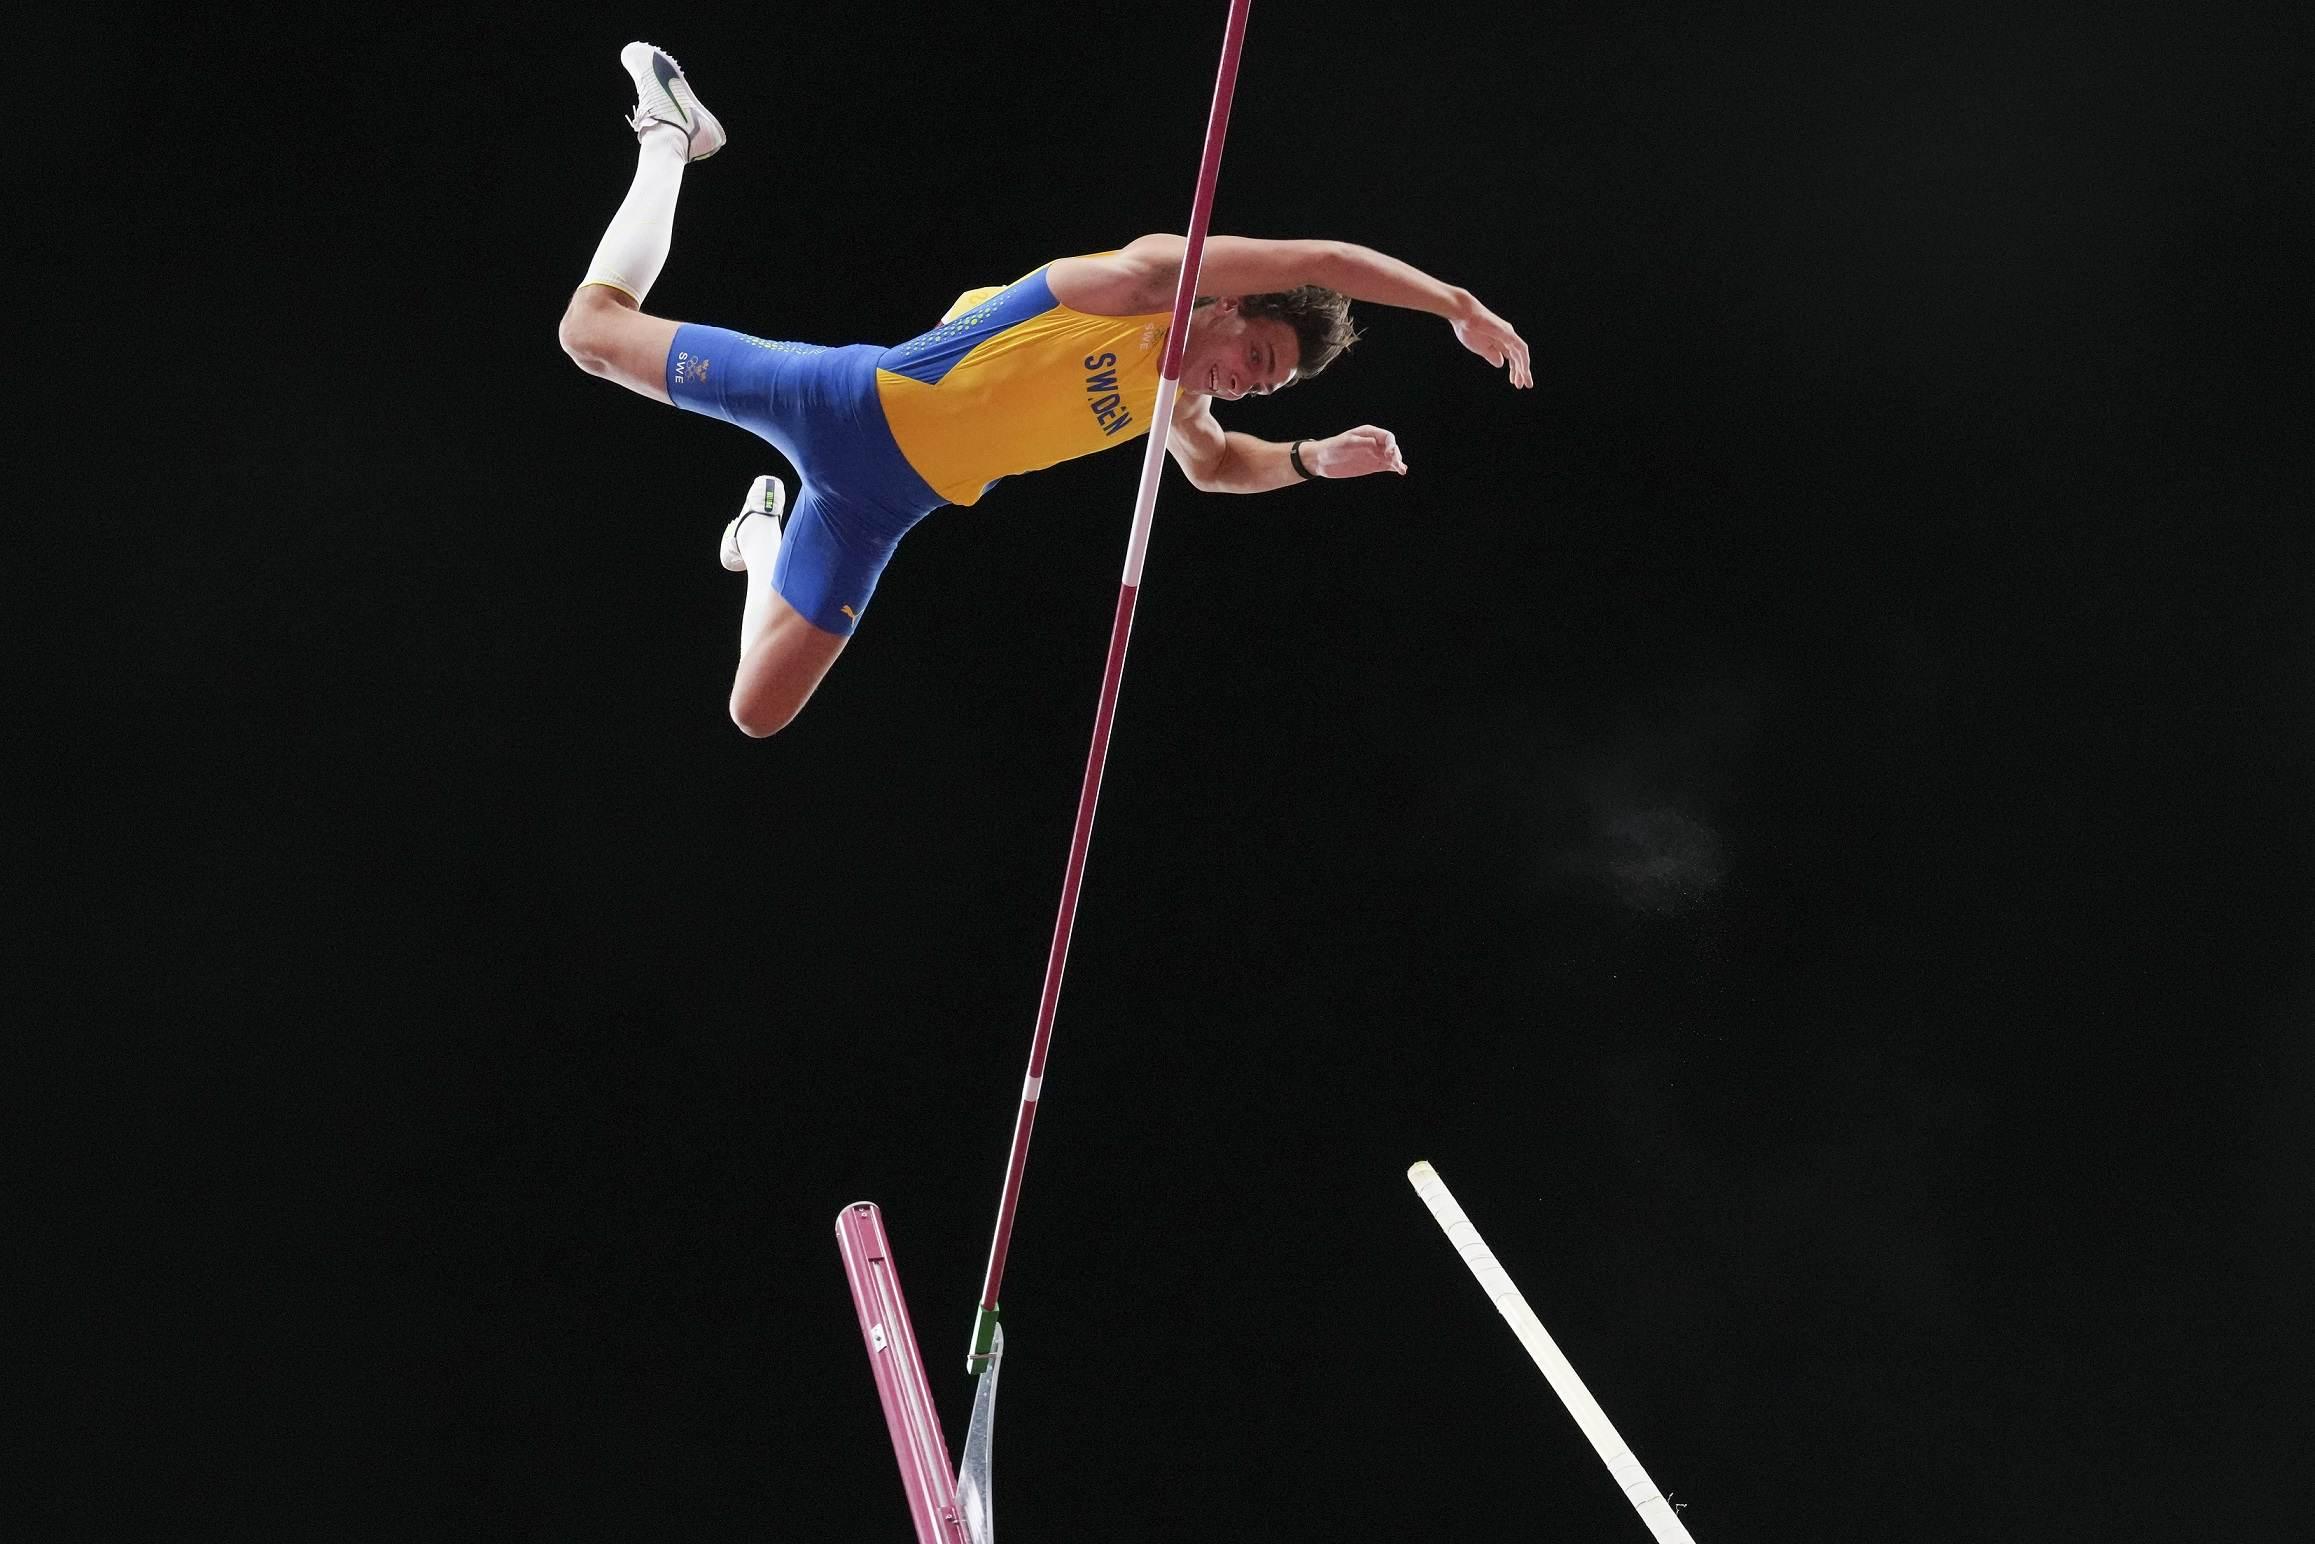 Armand Duplantis foi medalha de ouro na prova do salto com vara das Olimpíadas